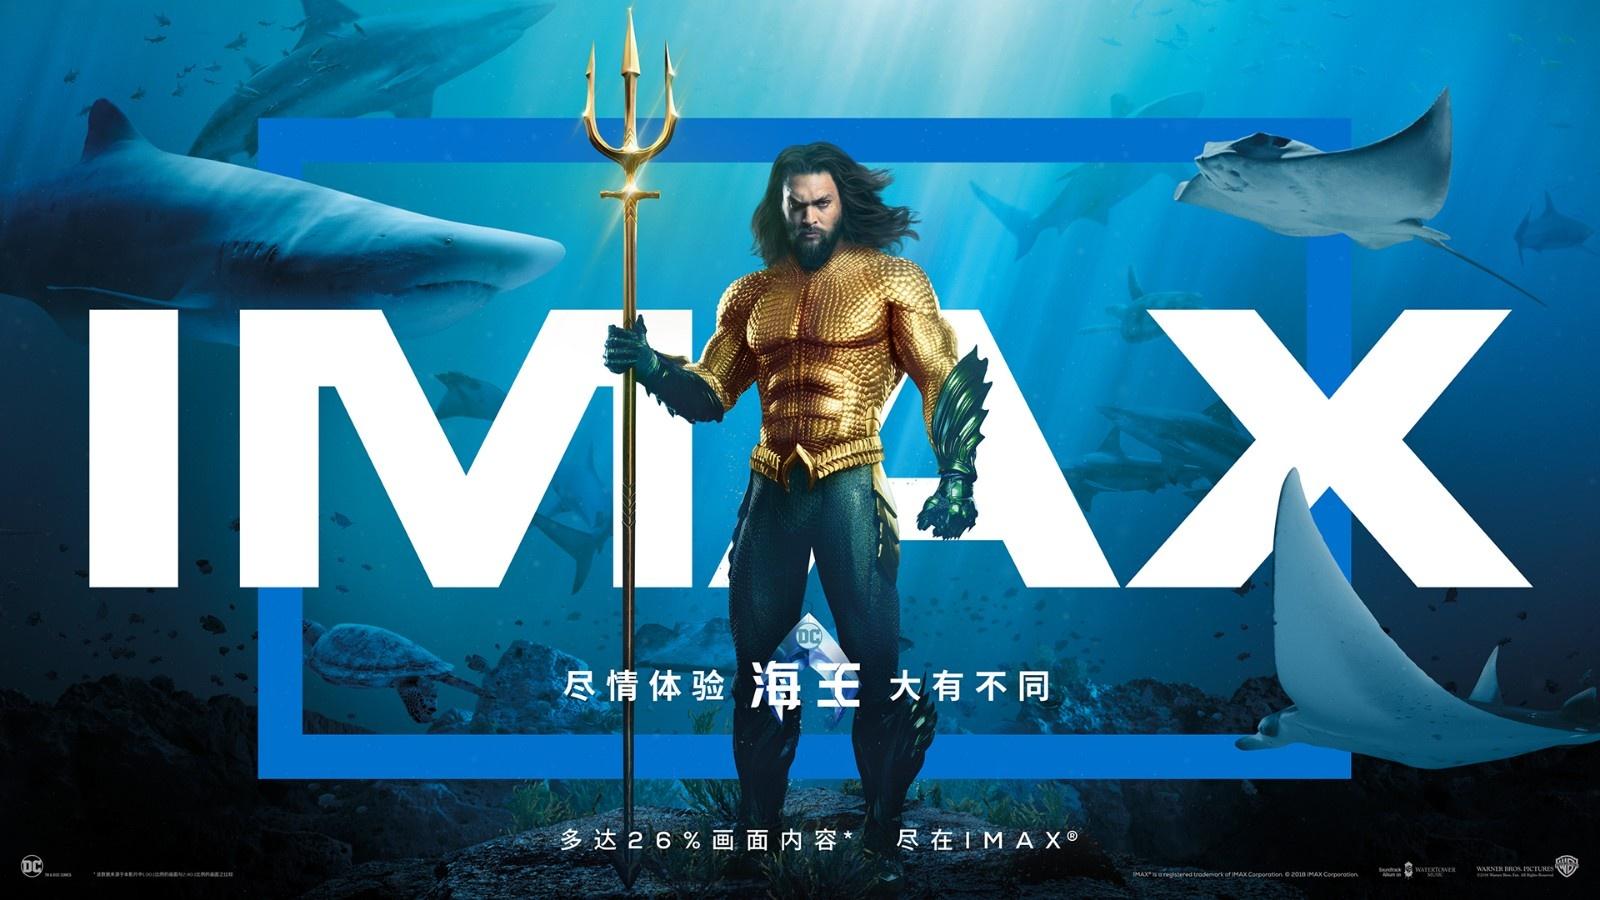 《海王》开画 破IMAX中国四季度首周末票房纪录